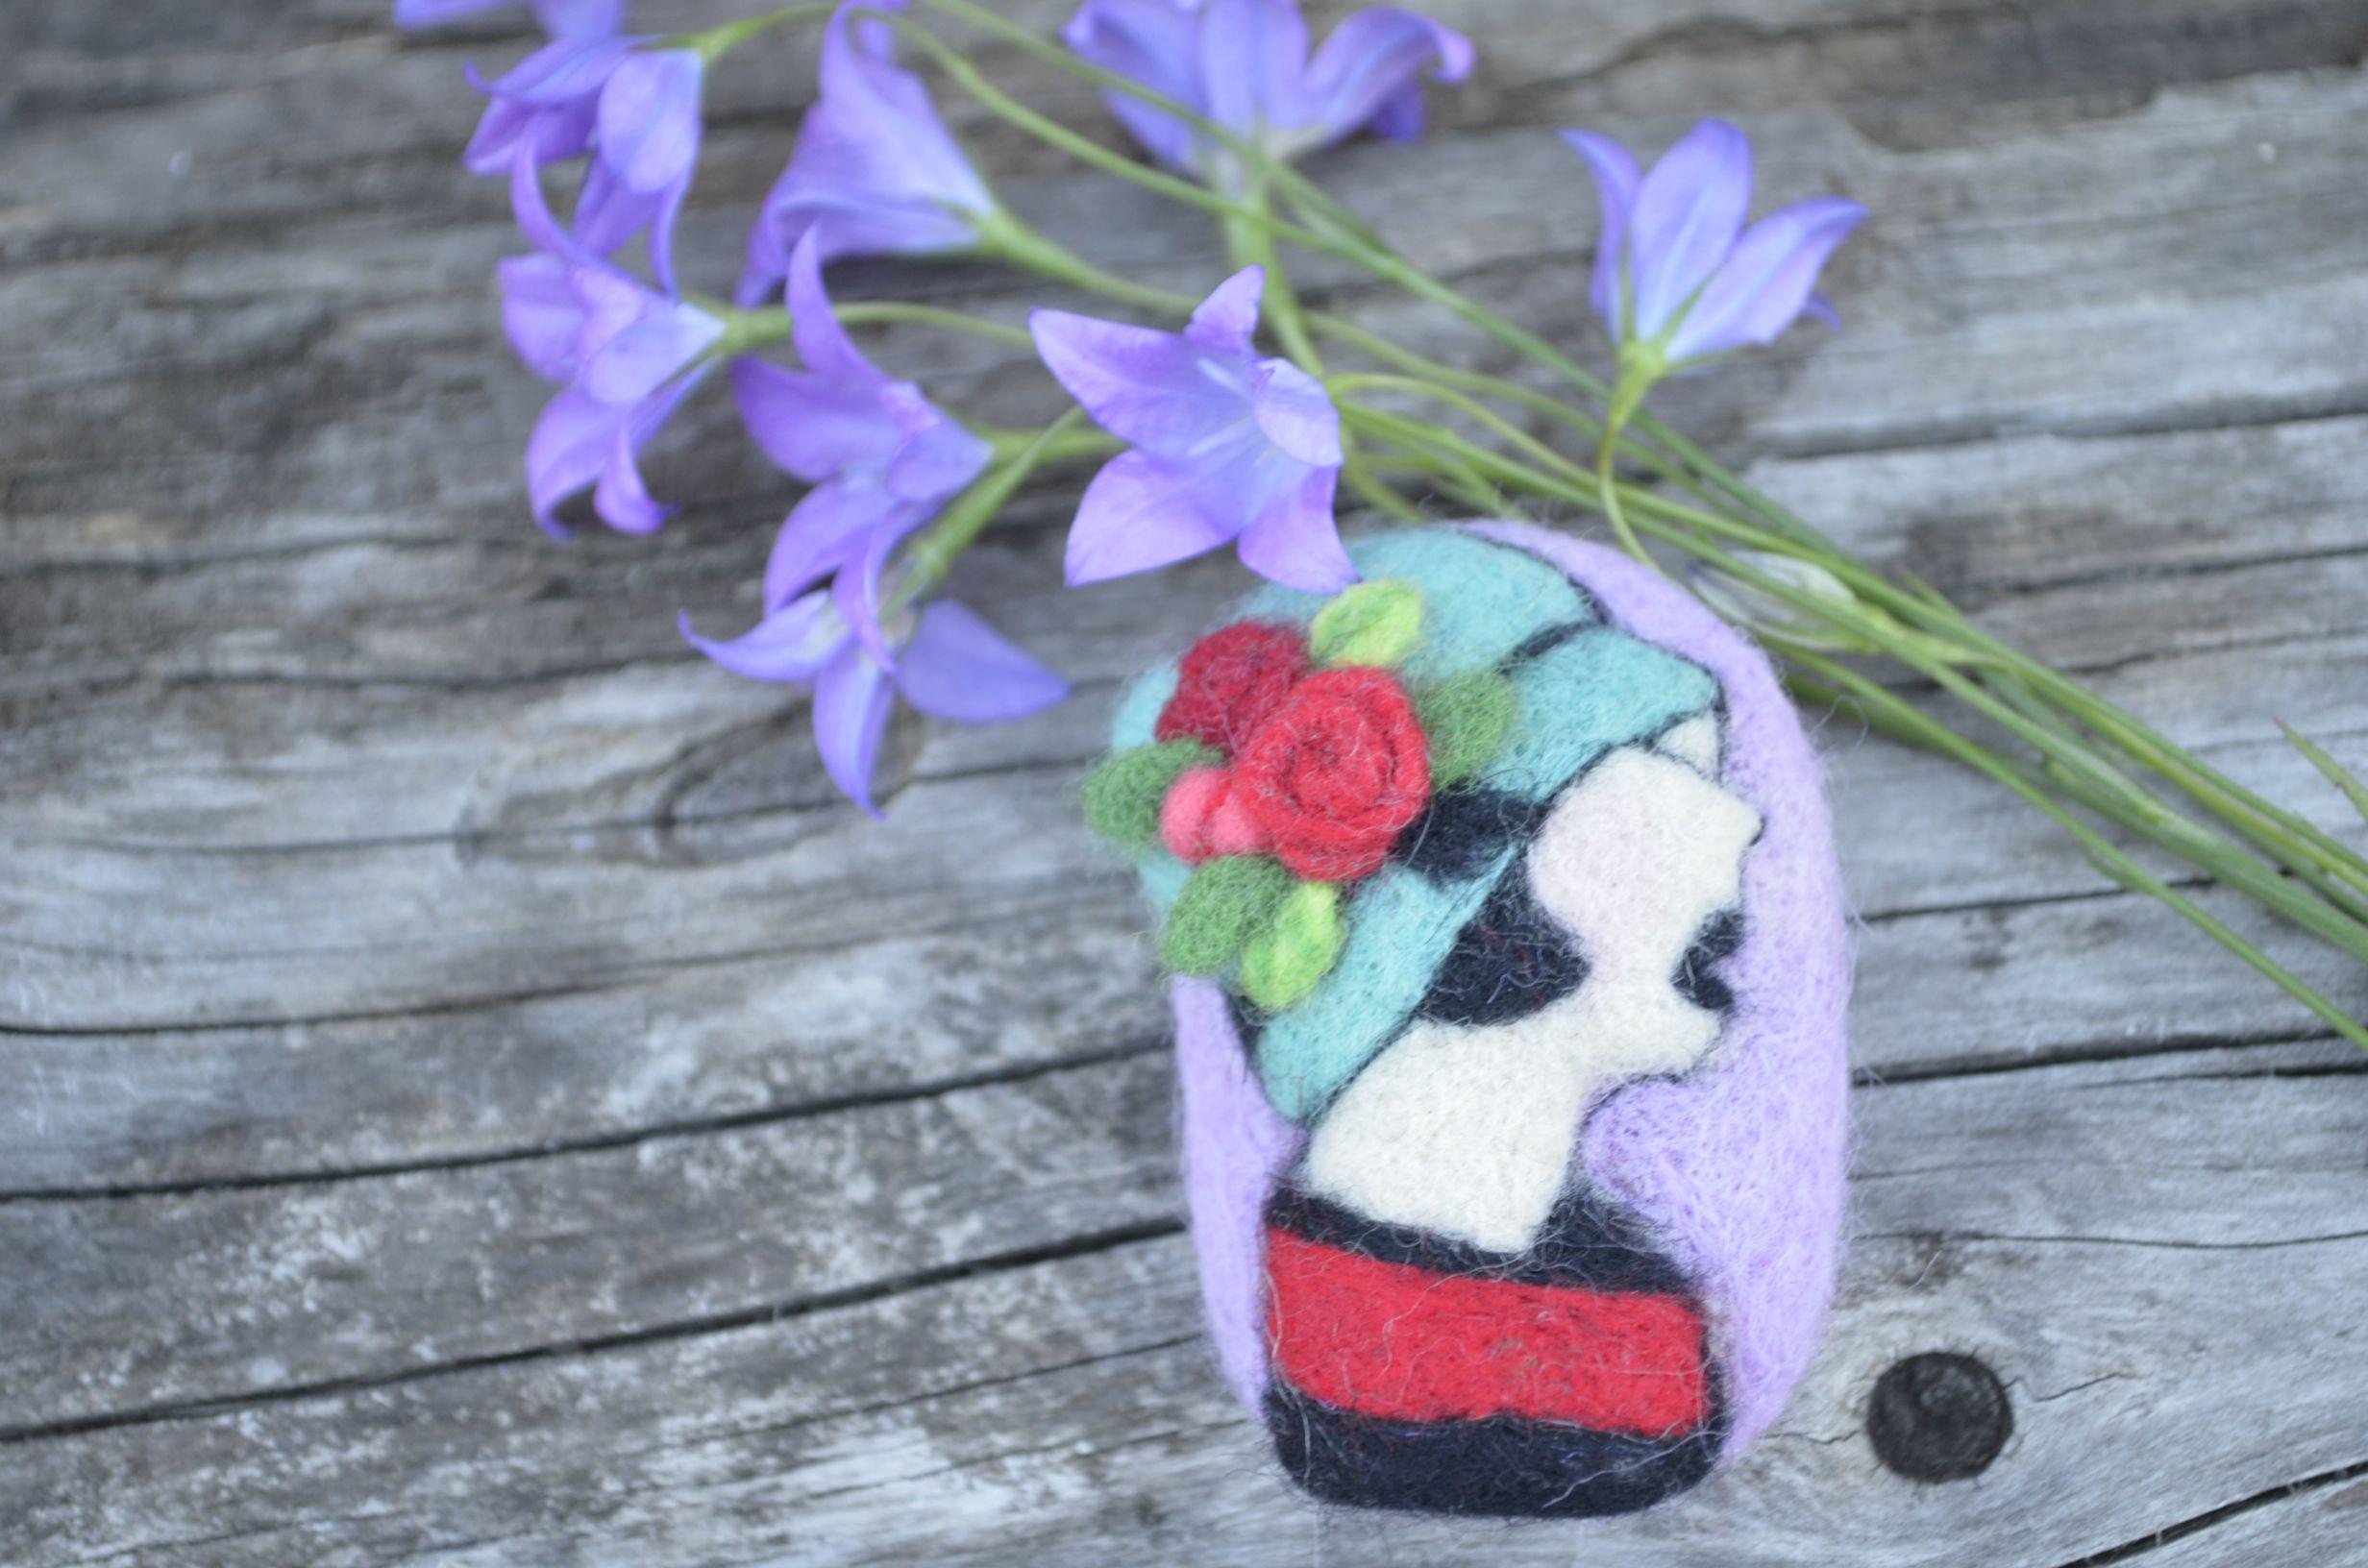 камея украшение брошь цветная шерстянная шесть ювелирка подарок валяние